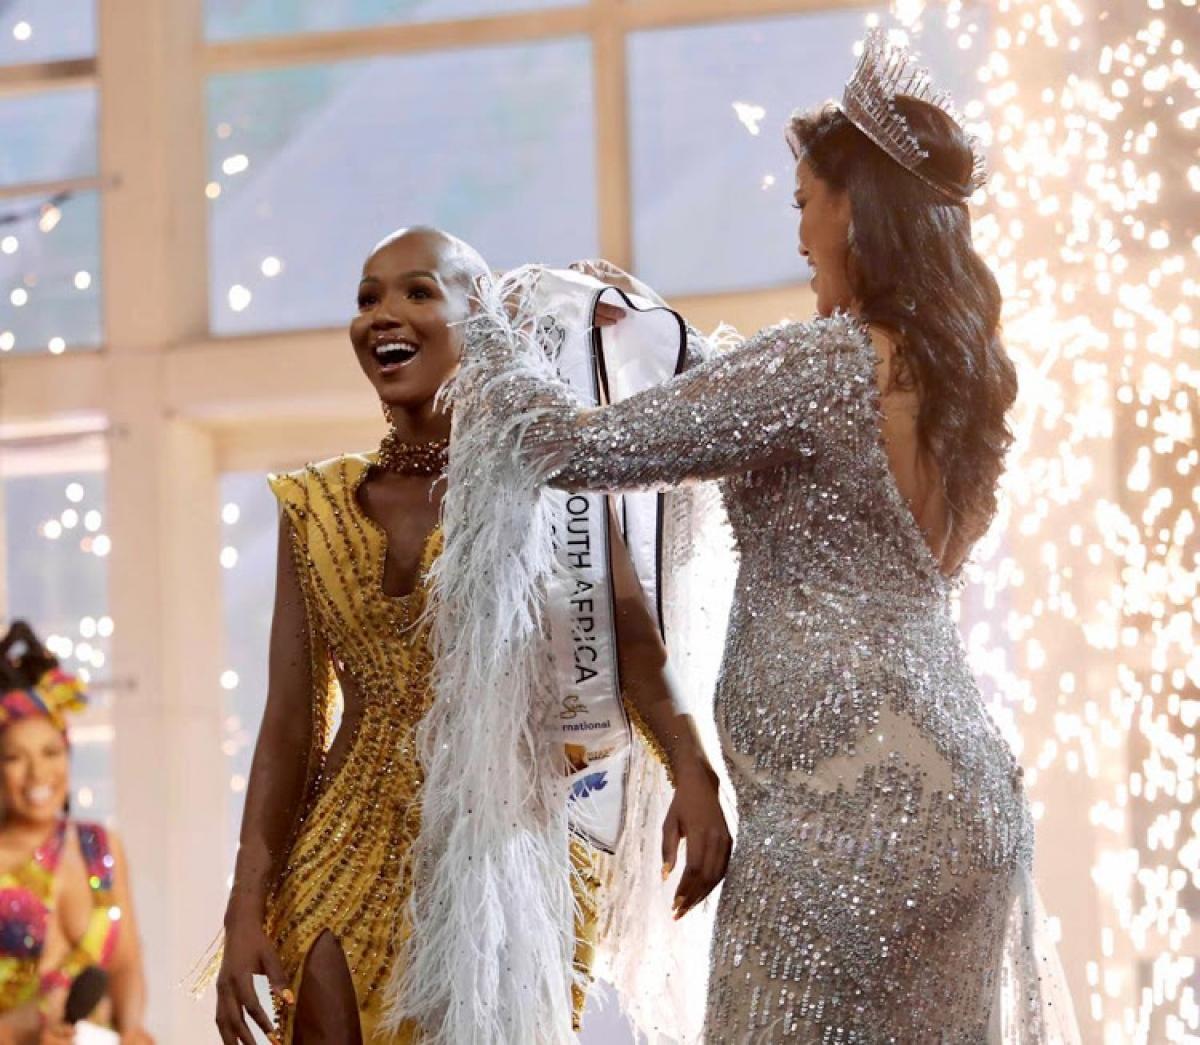 Như vậy,Shudufhadzo Musida sẽ đại diện Nam Phi dự thi Hoa hậu Hoàn vũ.